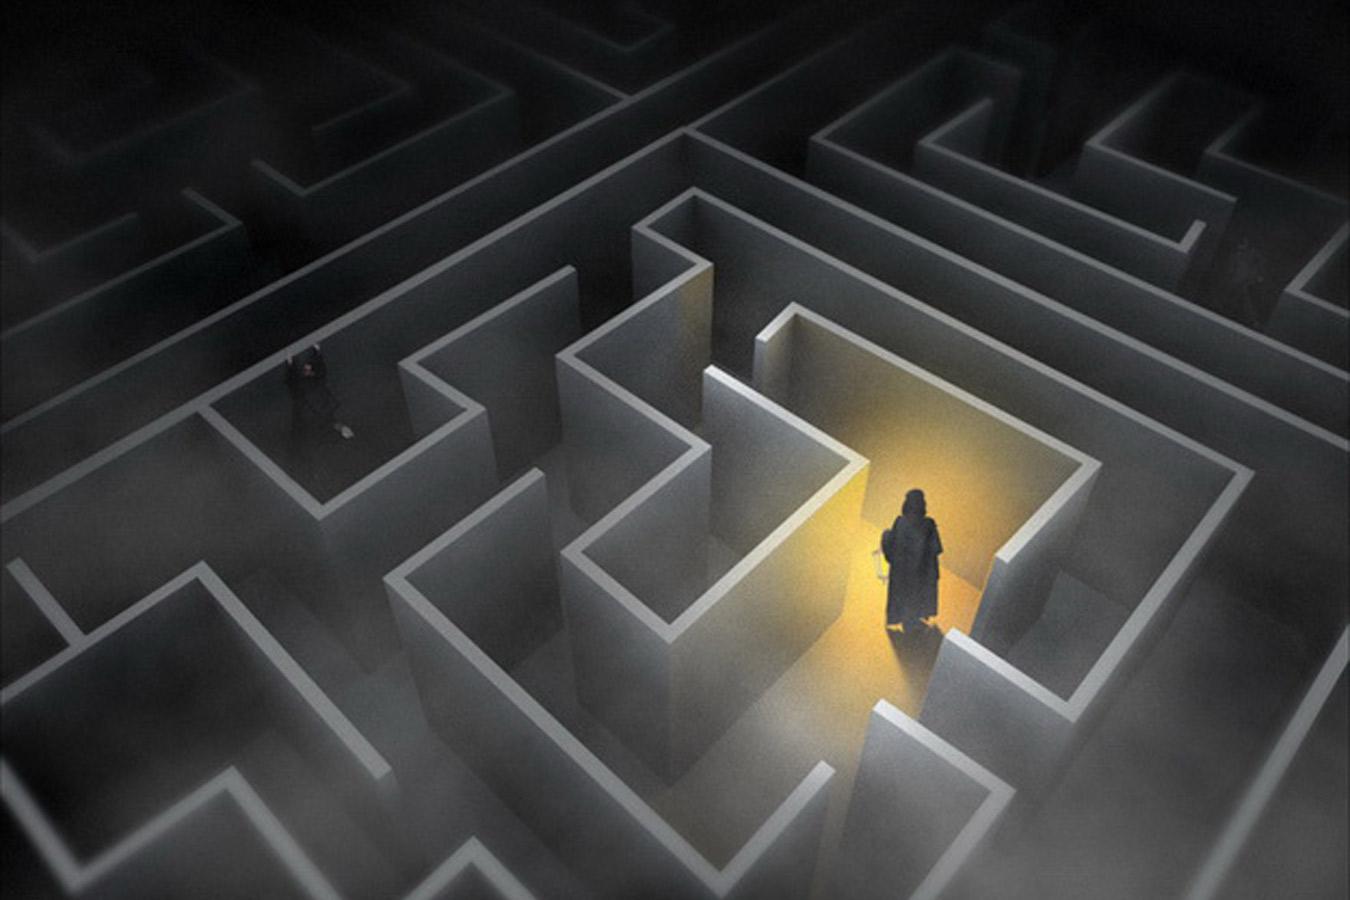 запутался в жизни, большая цель, найти предназначение, найти выход из тупика, найти себя, найти смысл жизни, куда идти по жизни, куда я иду, жизненные ориентиры